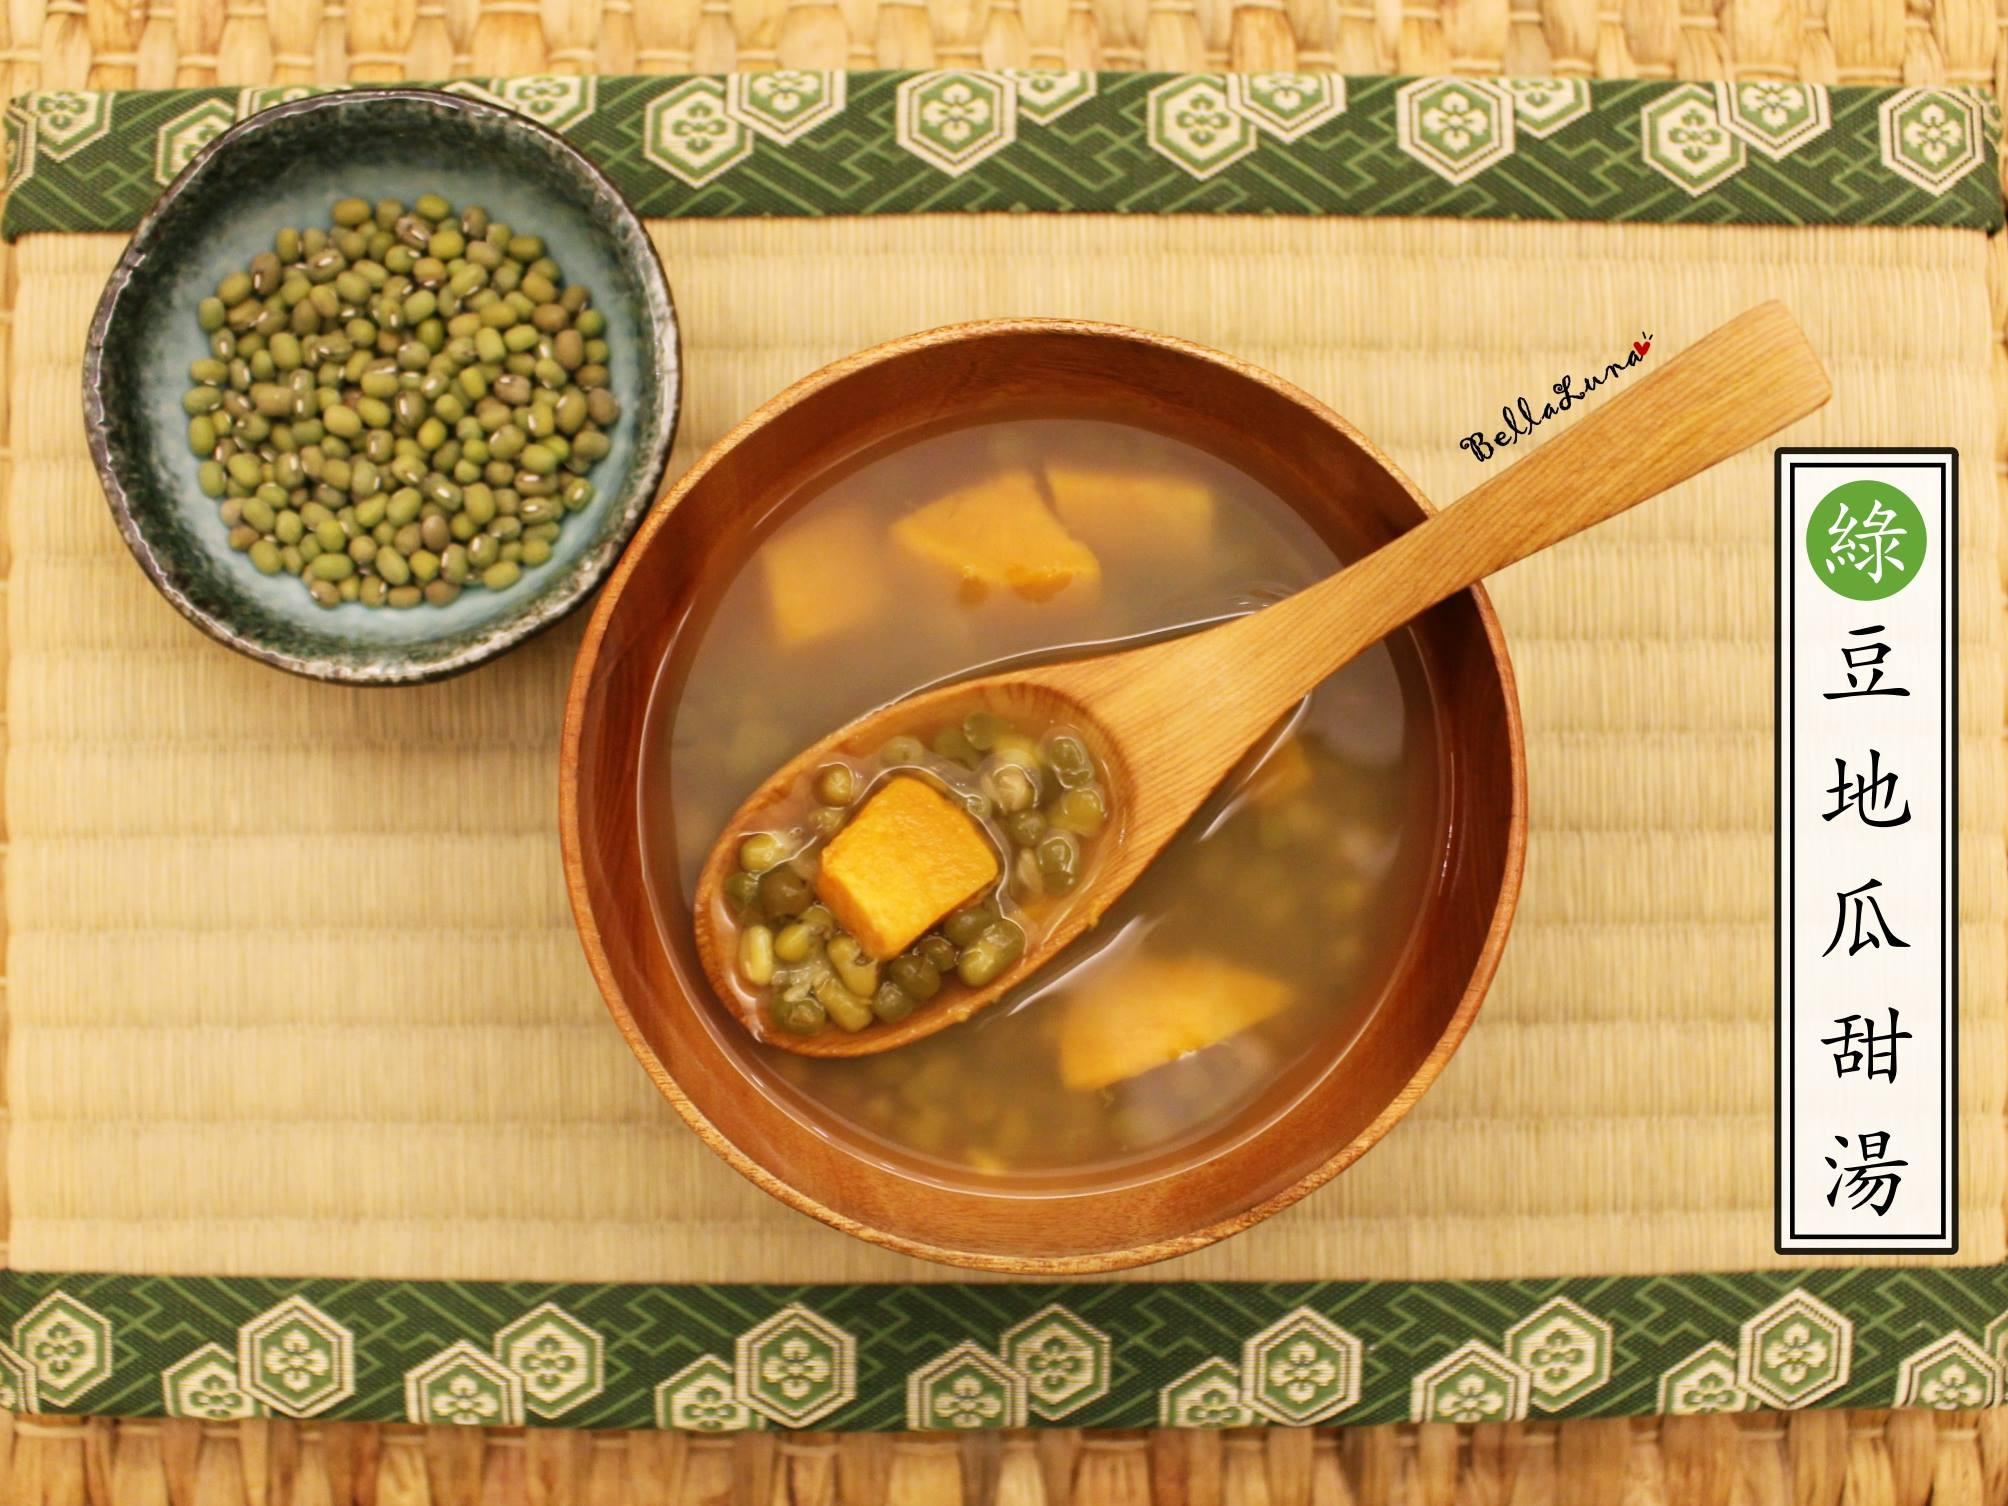 綠豆地瓜甜湯【電子鍋料理】